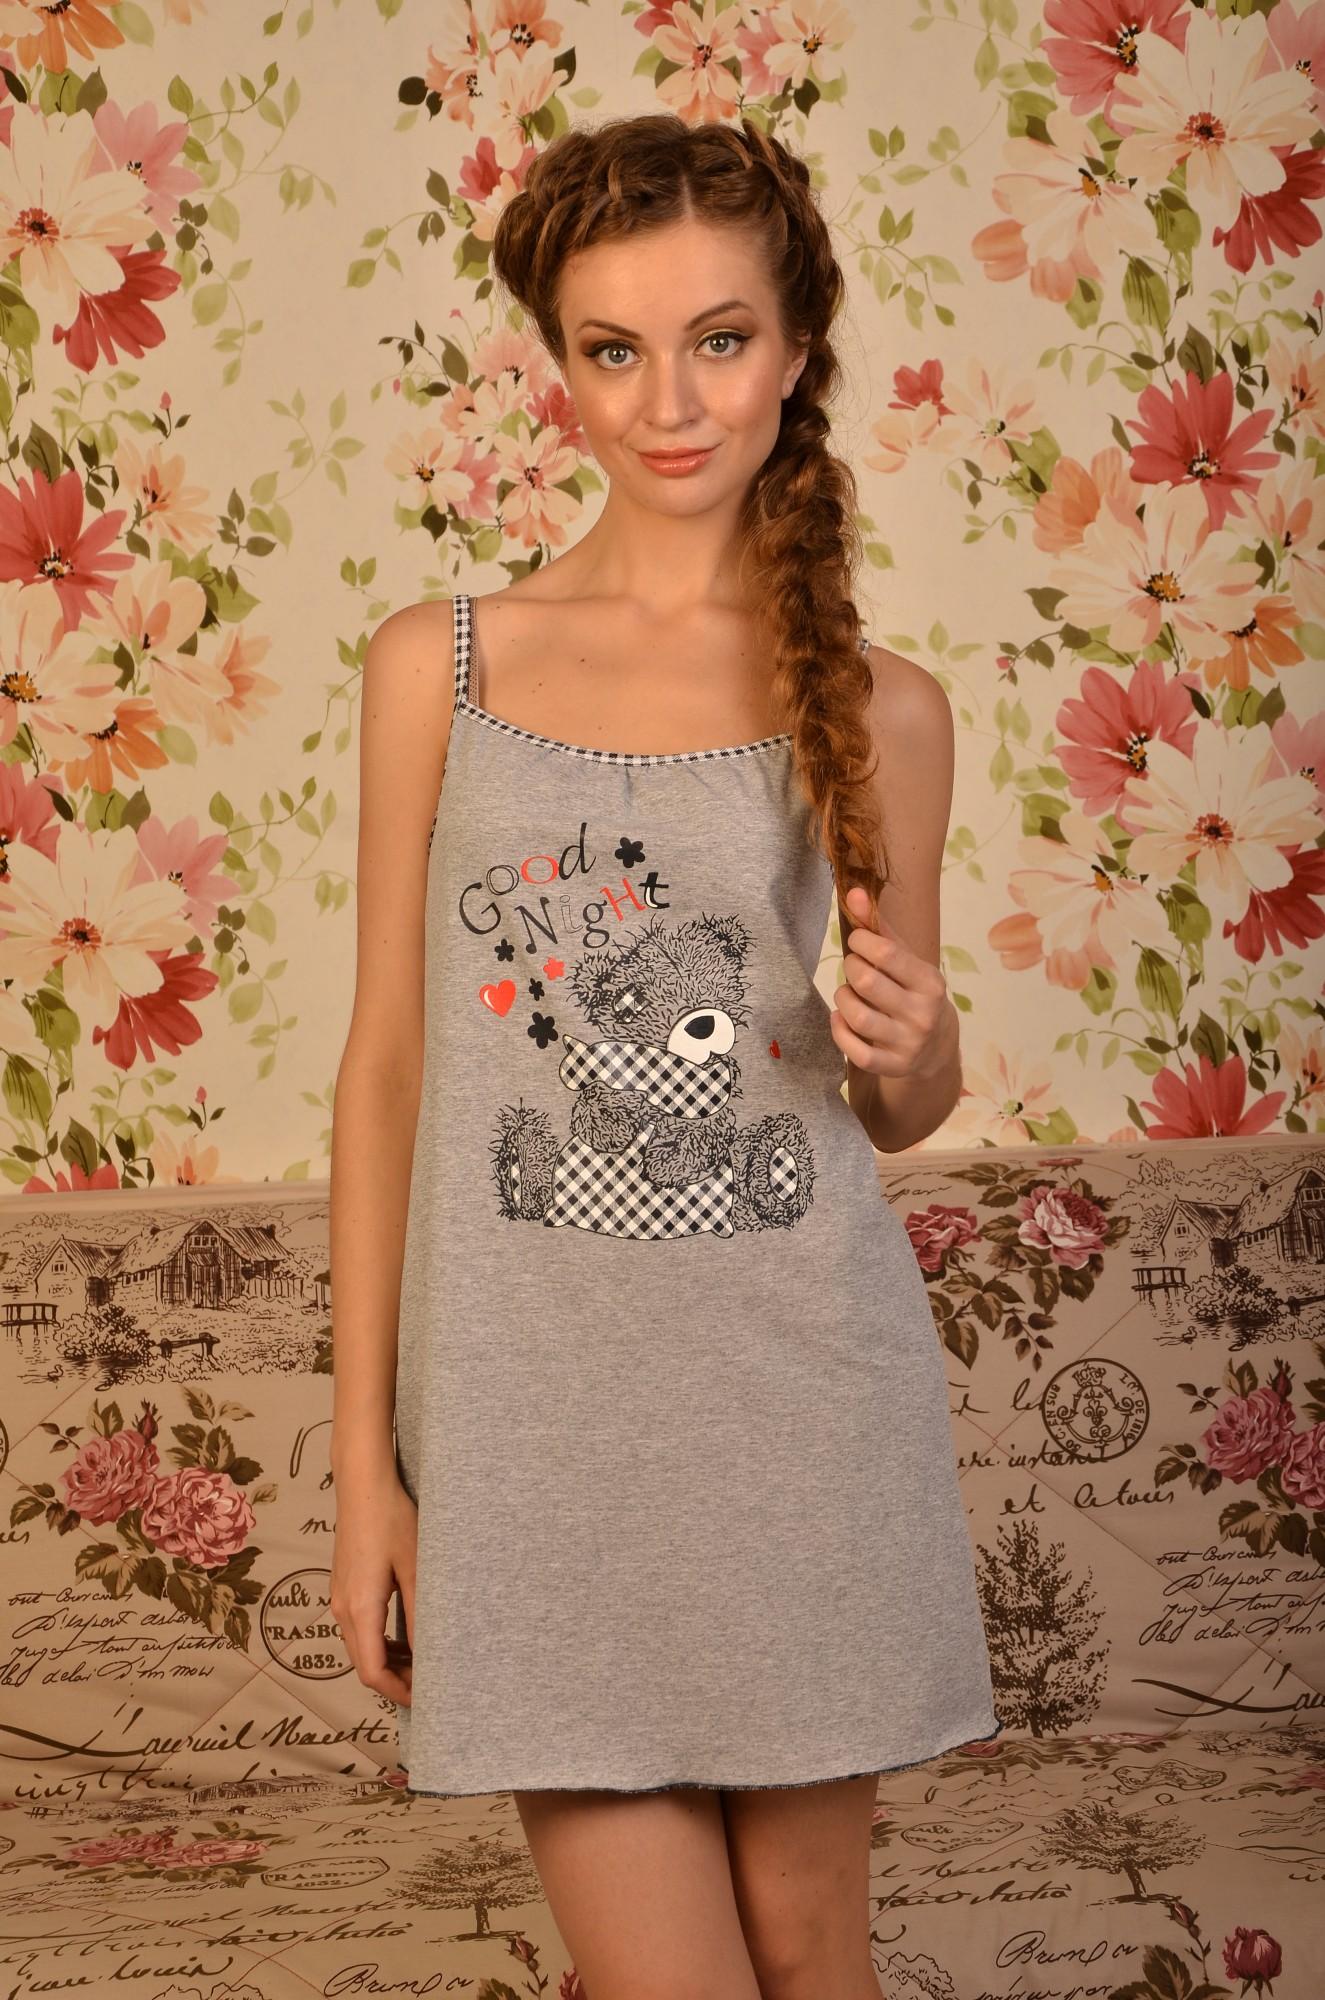 Сорочка женская на бретелях до колена с круглым вырезом с мишкой Тедди ИгрушкаДомашняя одежда<br><br><br>Размер: 46